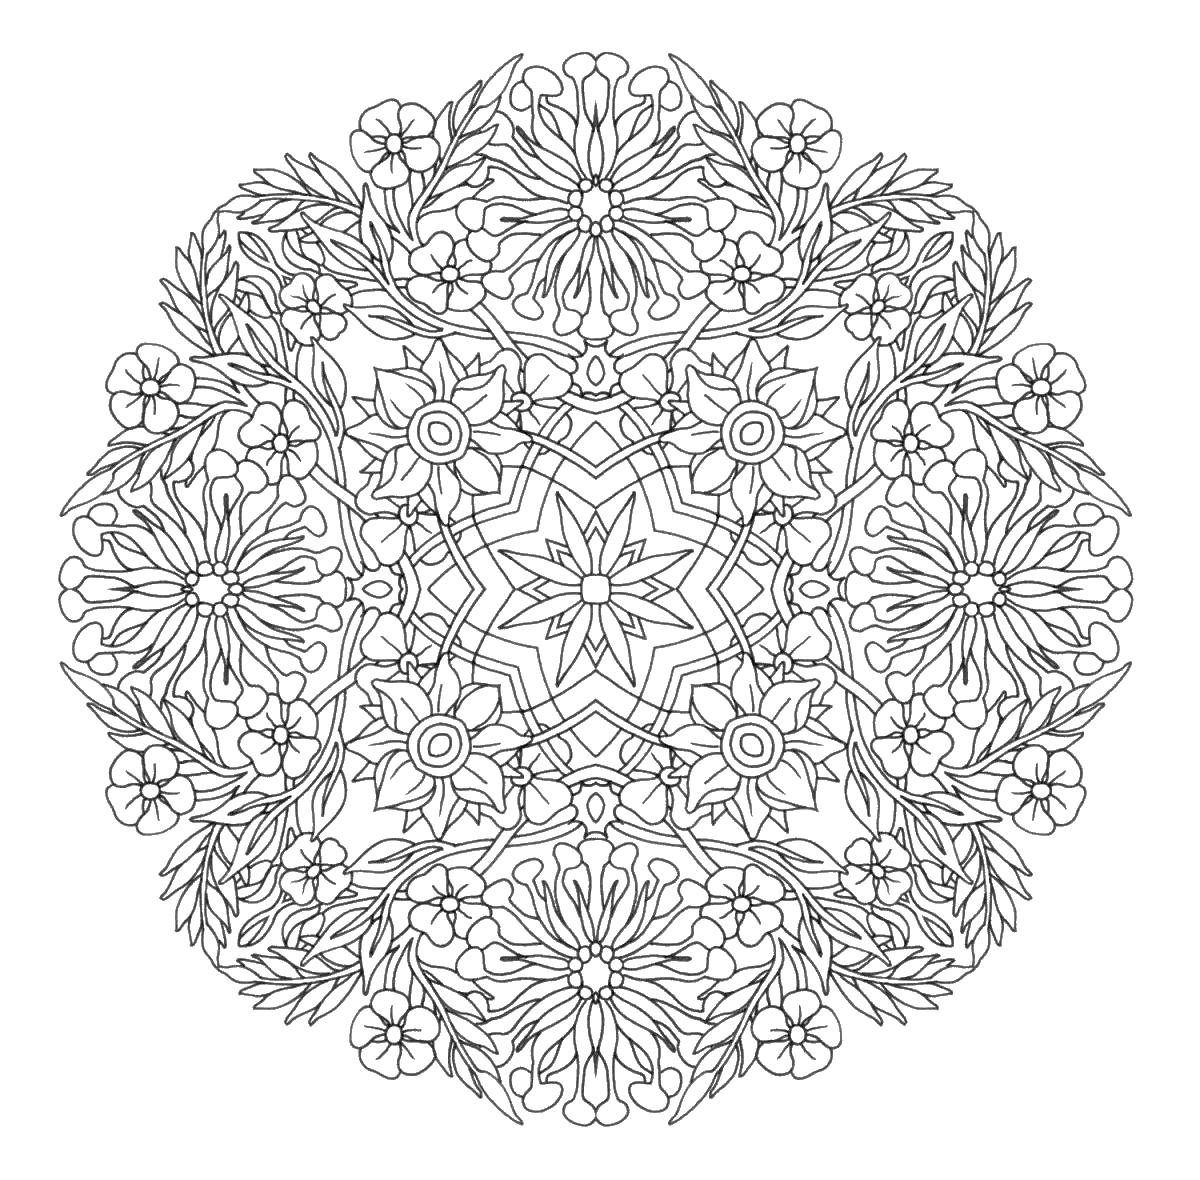 Узоры для взрослых Раскраски для медитации